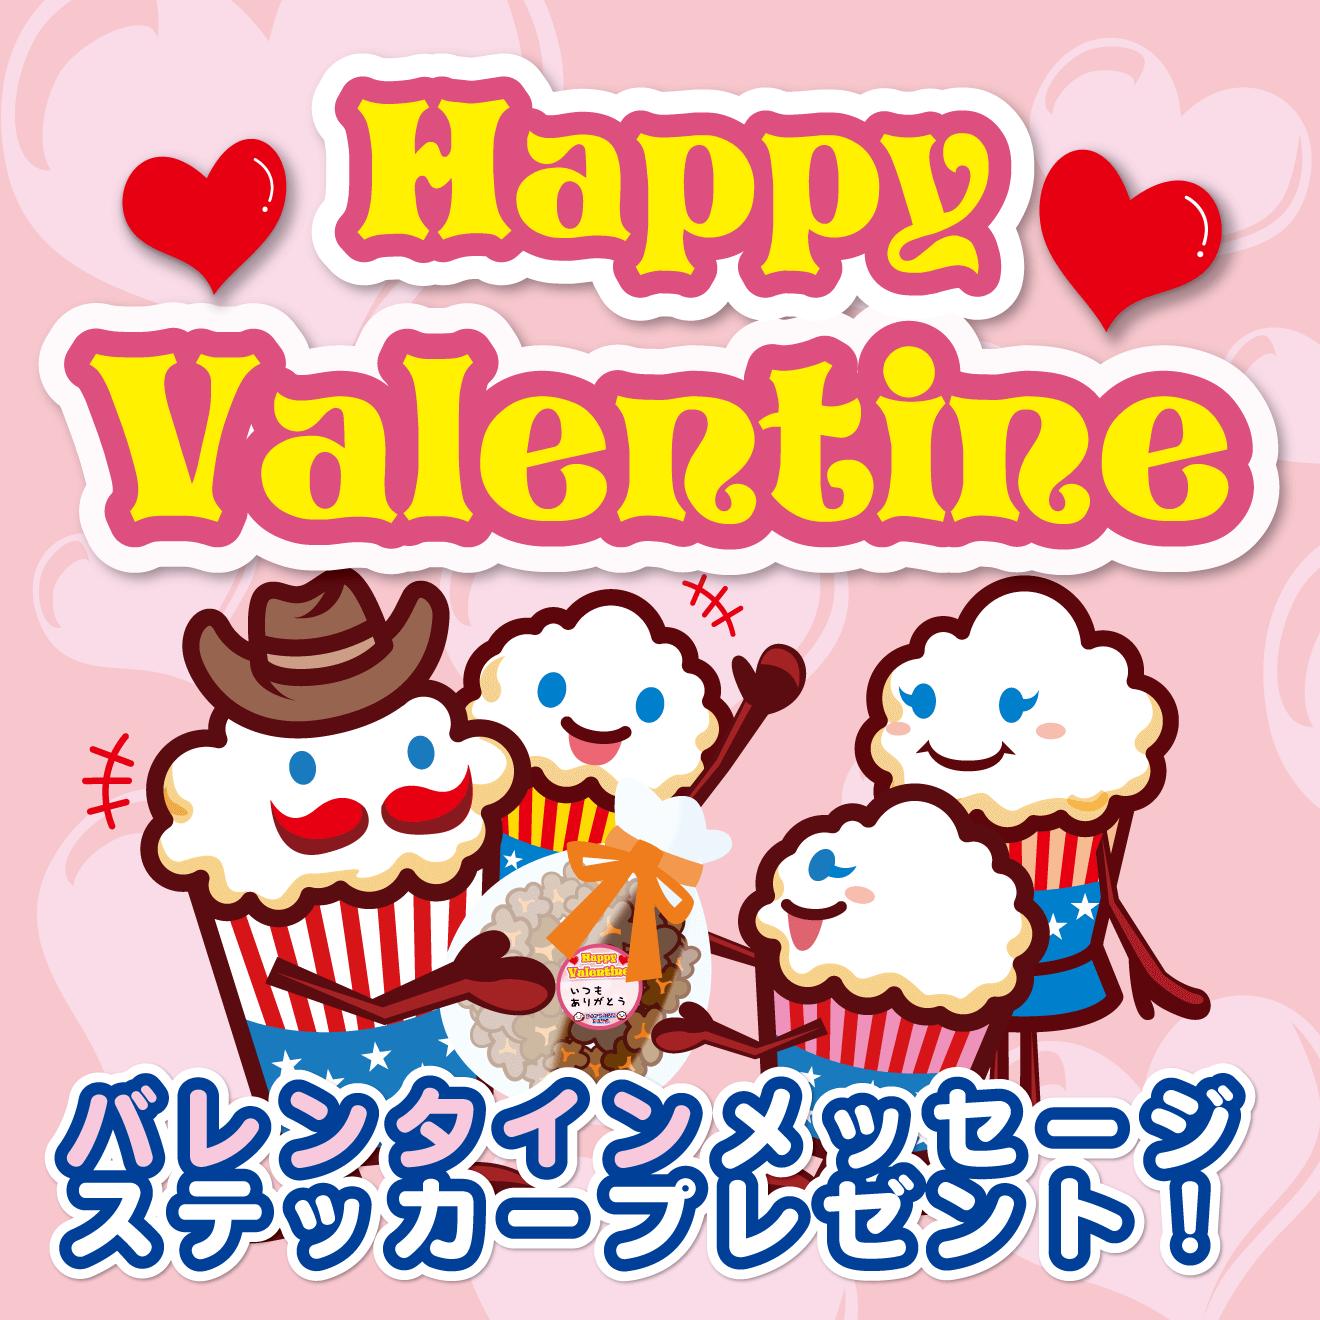 バレンタインにぴったりなボックス&セットが登場!!